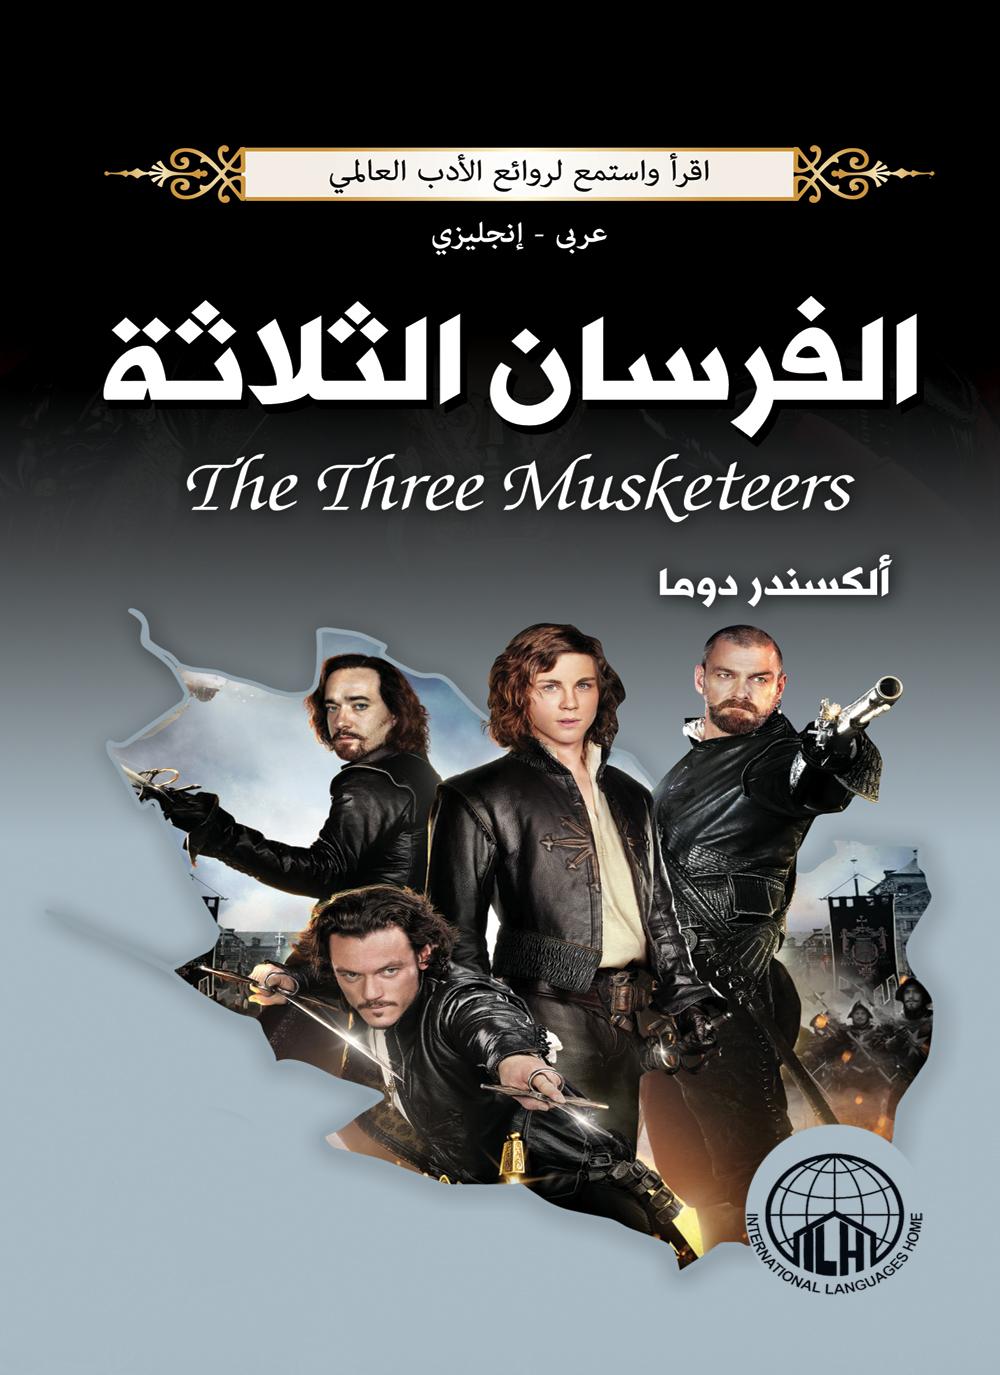 تحميل كتاب الفرسان الثلاثة PDF 1